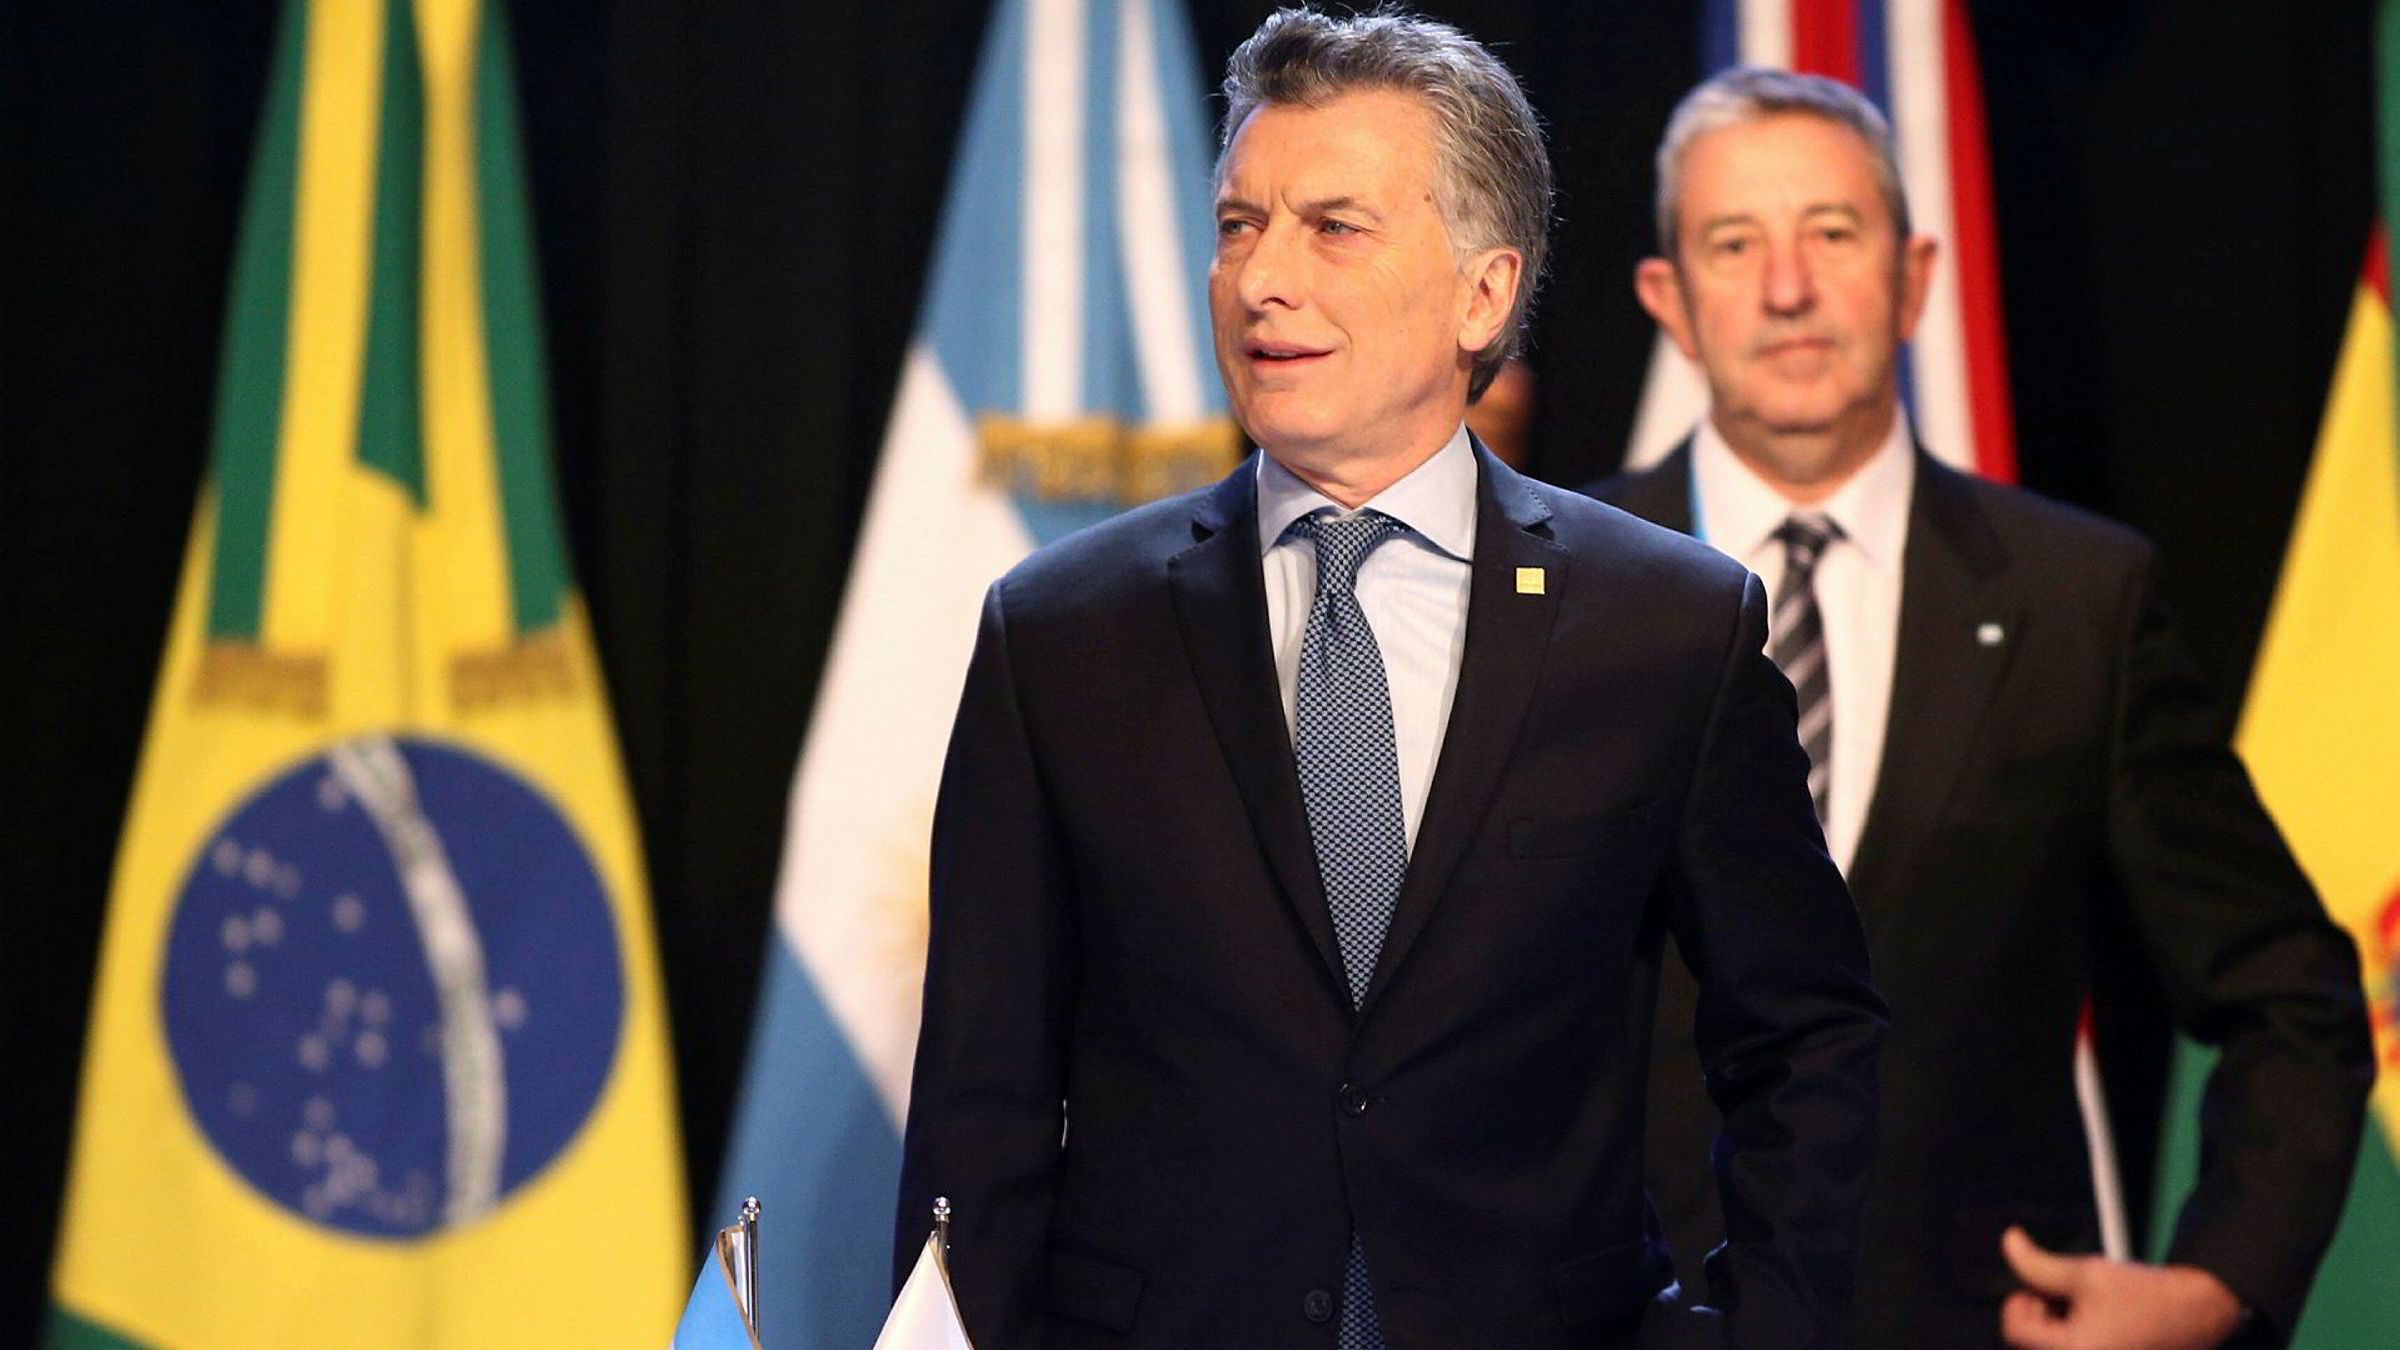 Argentina's president Mauricio Macri med senator Julio Cobos. Argentina topper listen over høye styringsrenter.